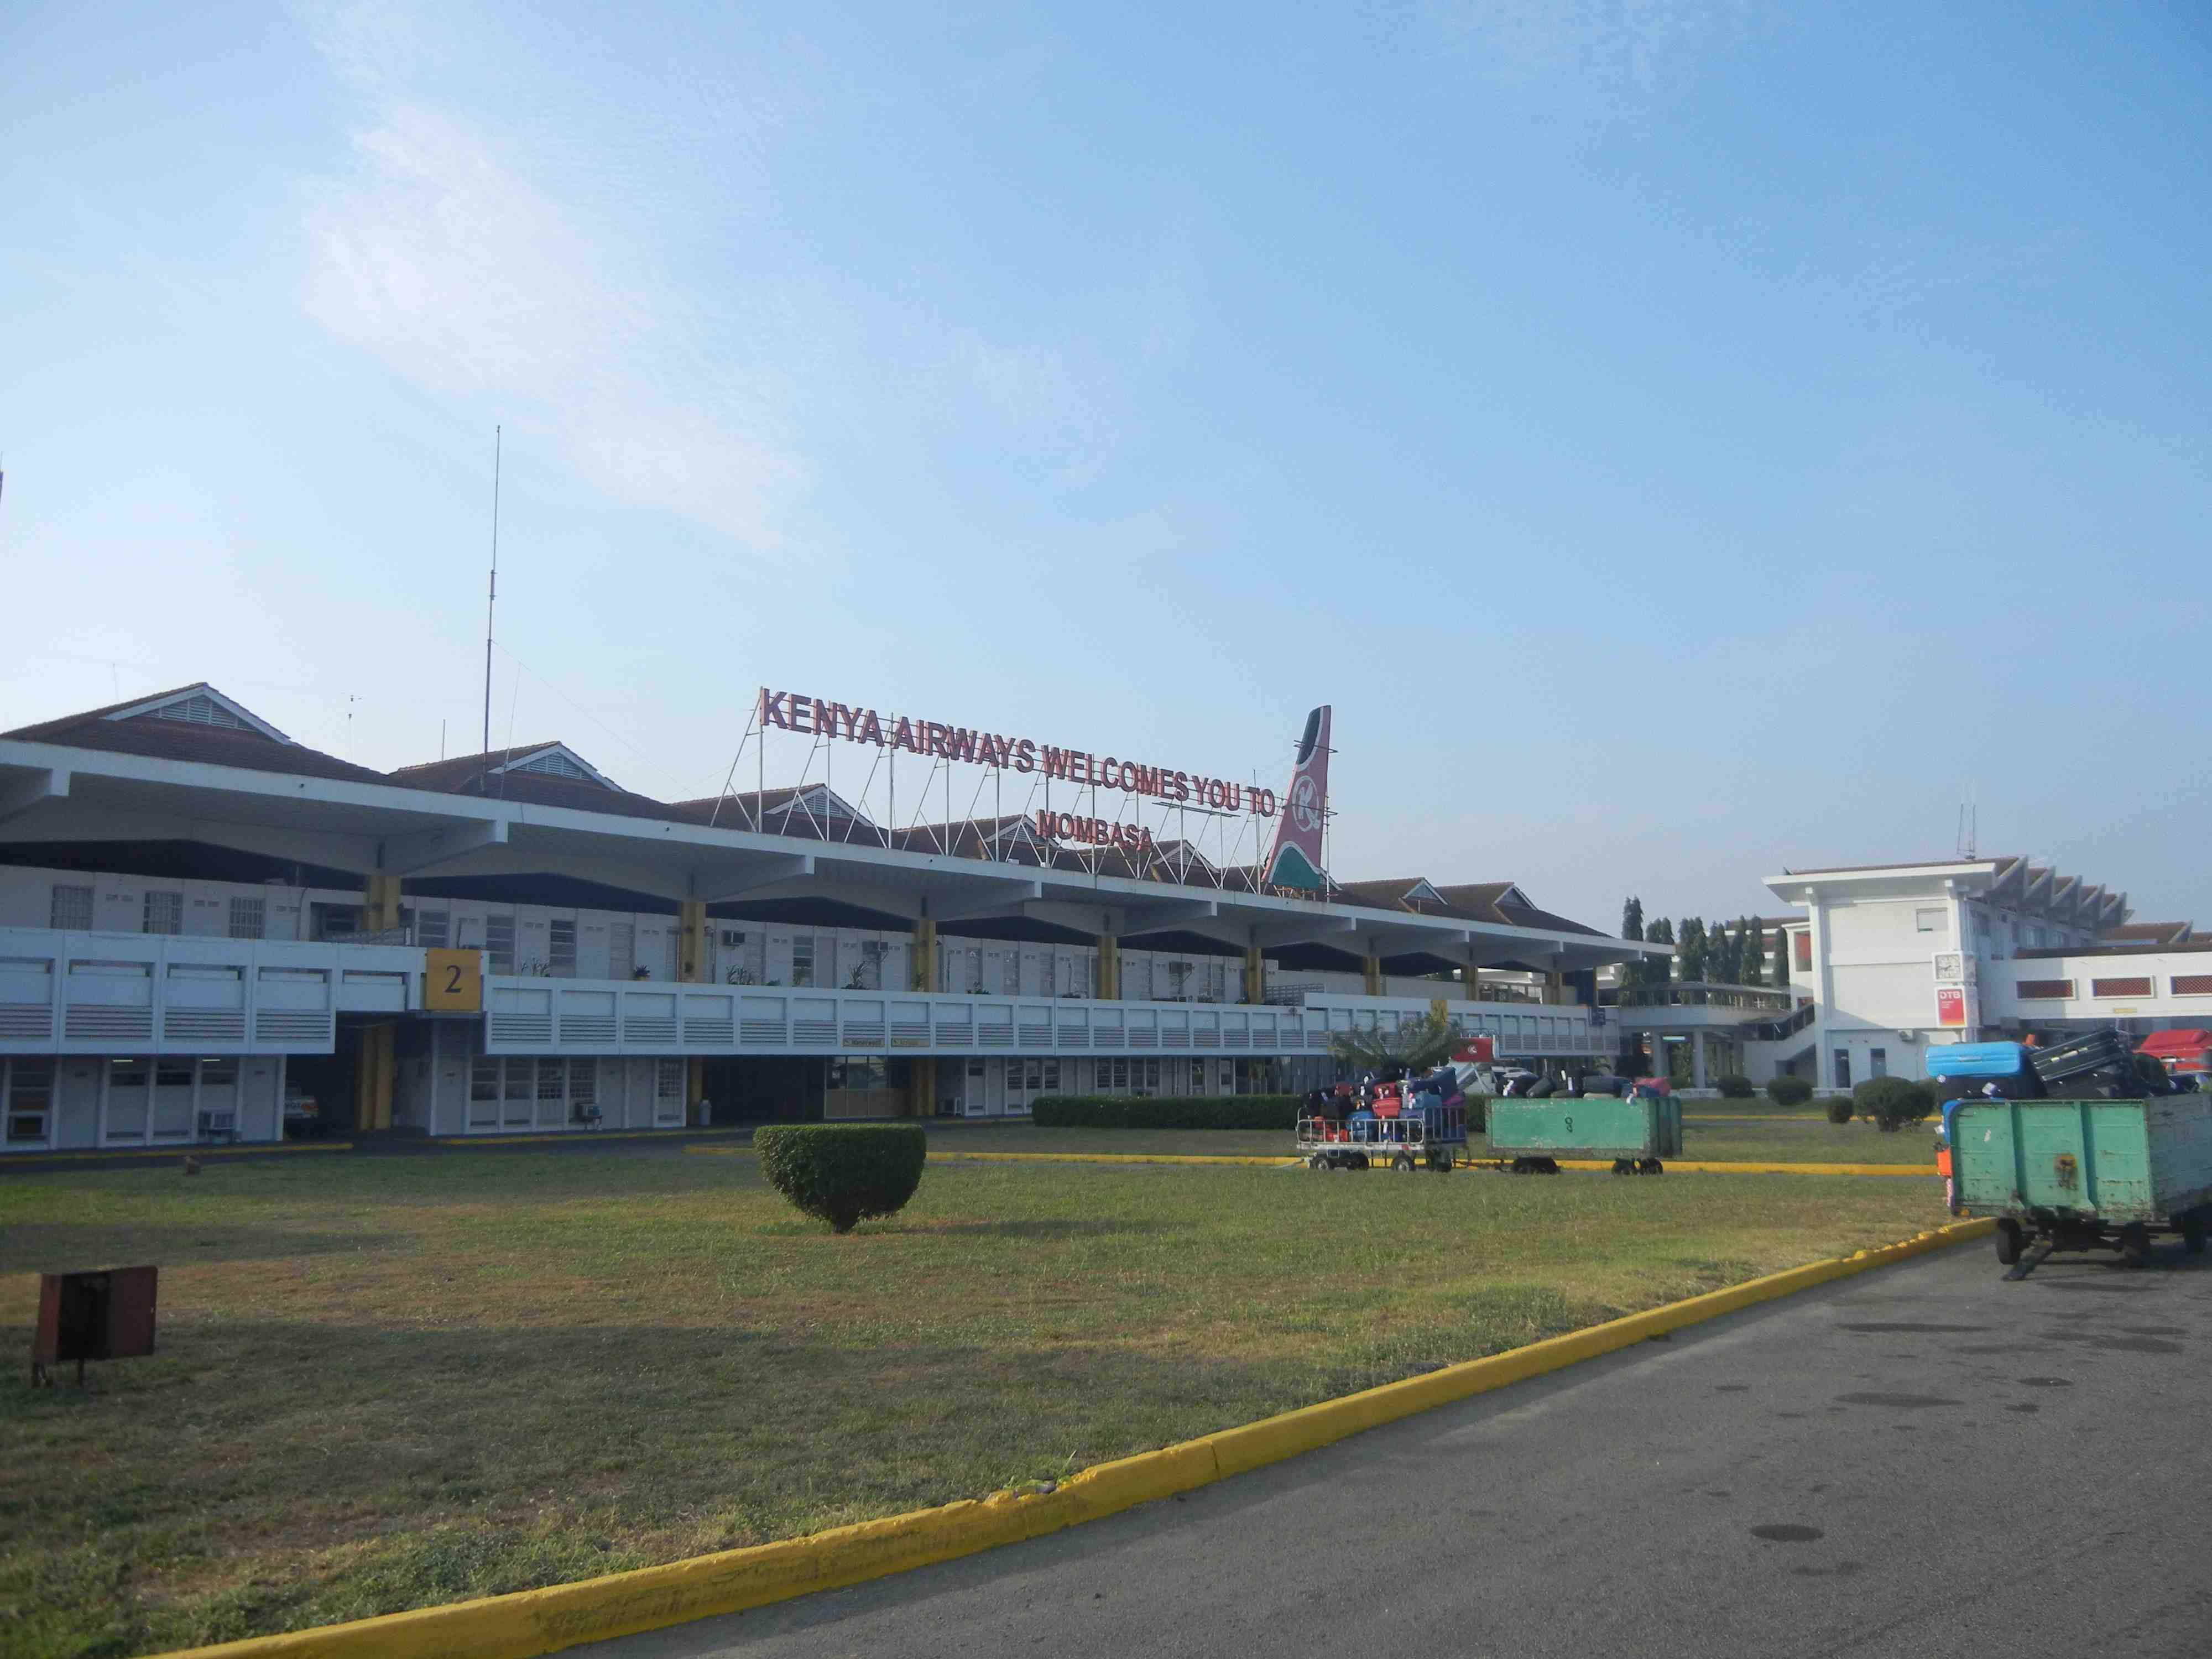 Aeroporto Kenya : Una settimana in kenya: mare safari e giornata al parco marino io